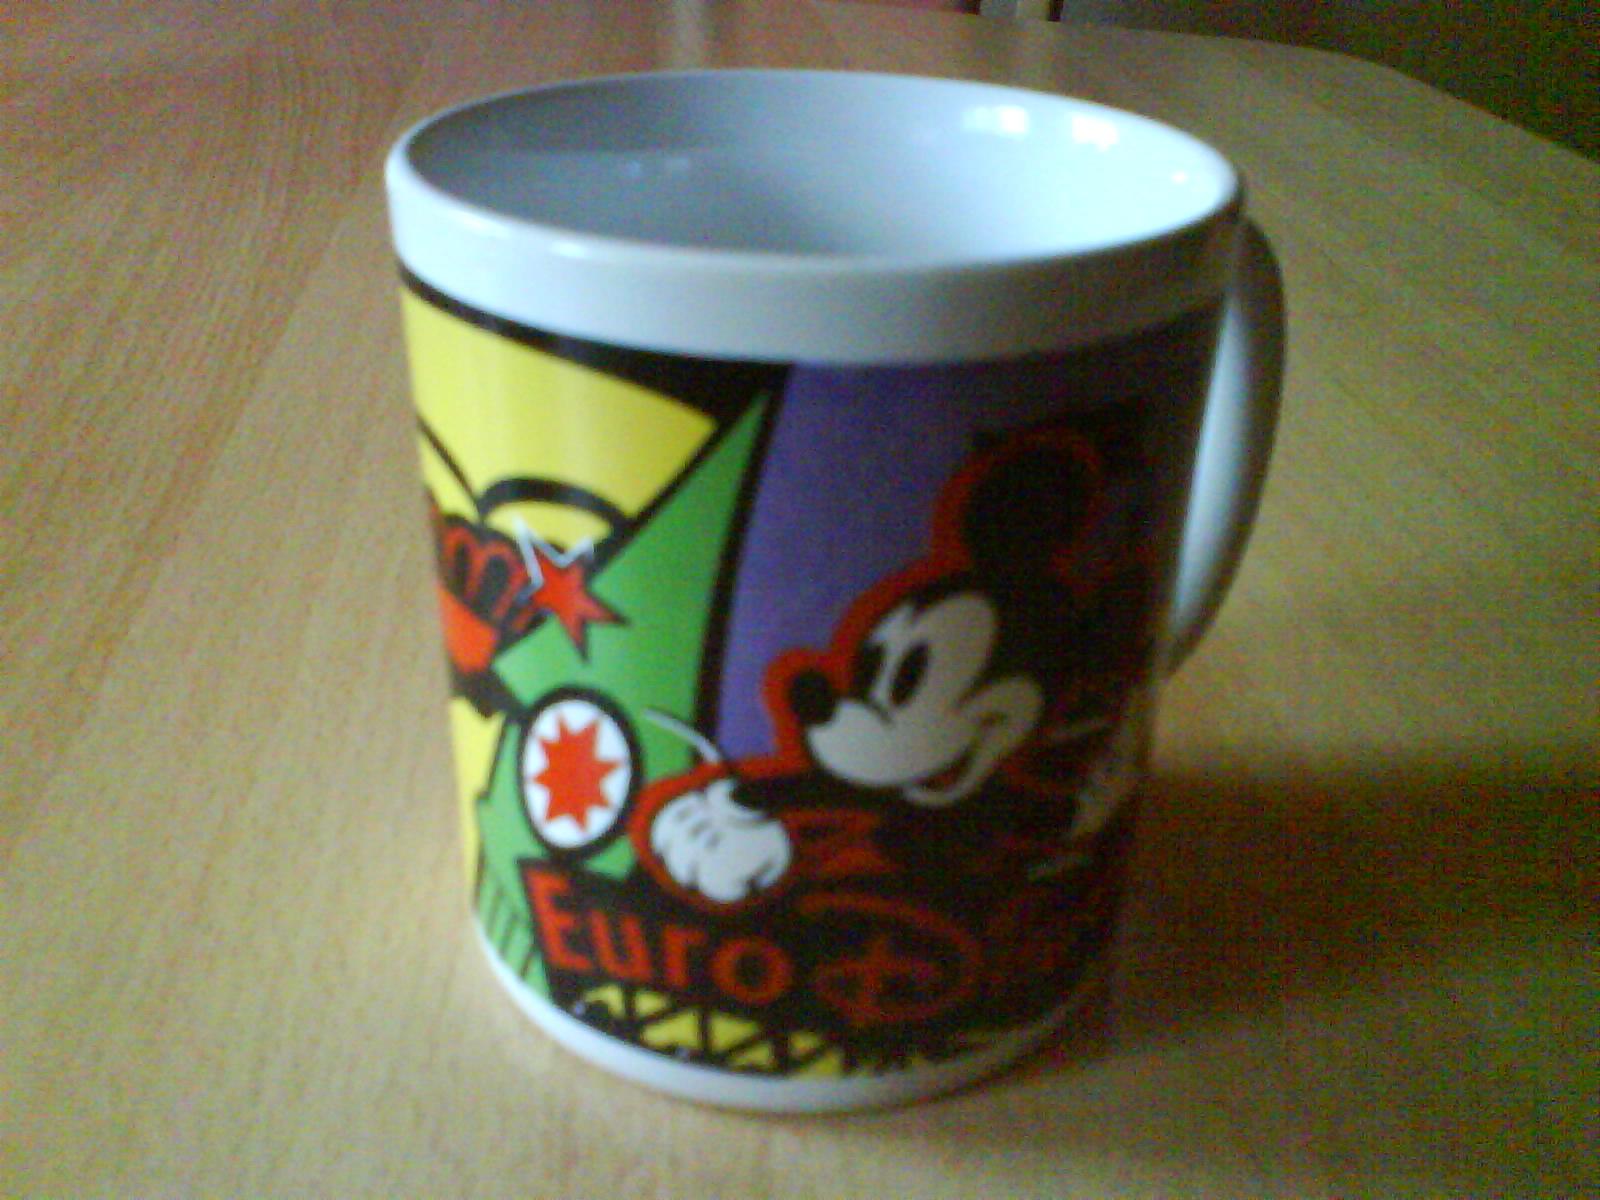 Euro-Disney